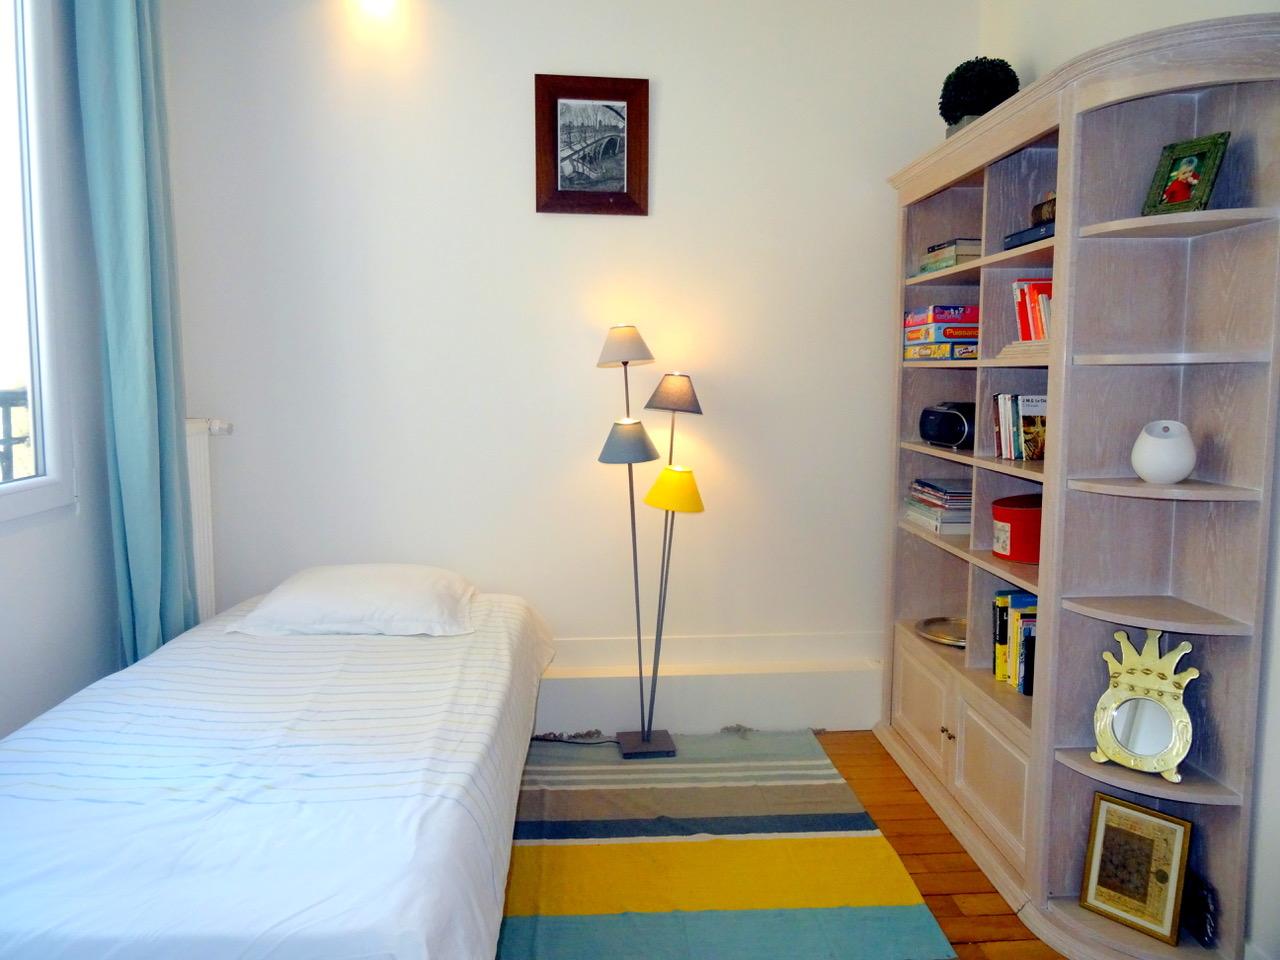 la-clef-des-villes-arnaud-mascarel-agence-immobiliere-chasseur-appartement- boulogne-billancourt-paris-16-villers-sur-mer-location-jean-bouin-paris-estimation-gratuite-chambre